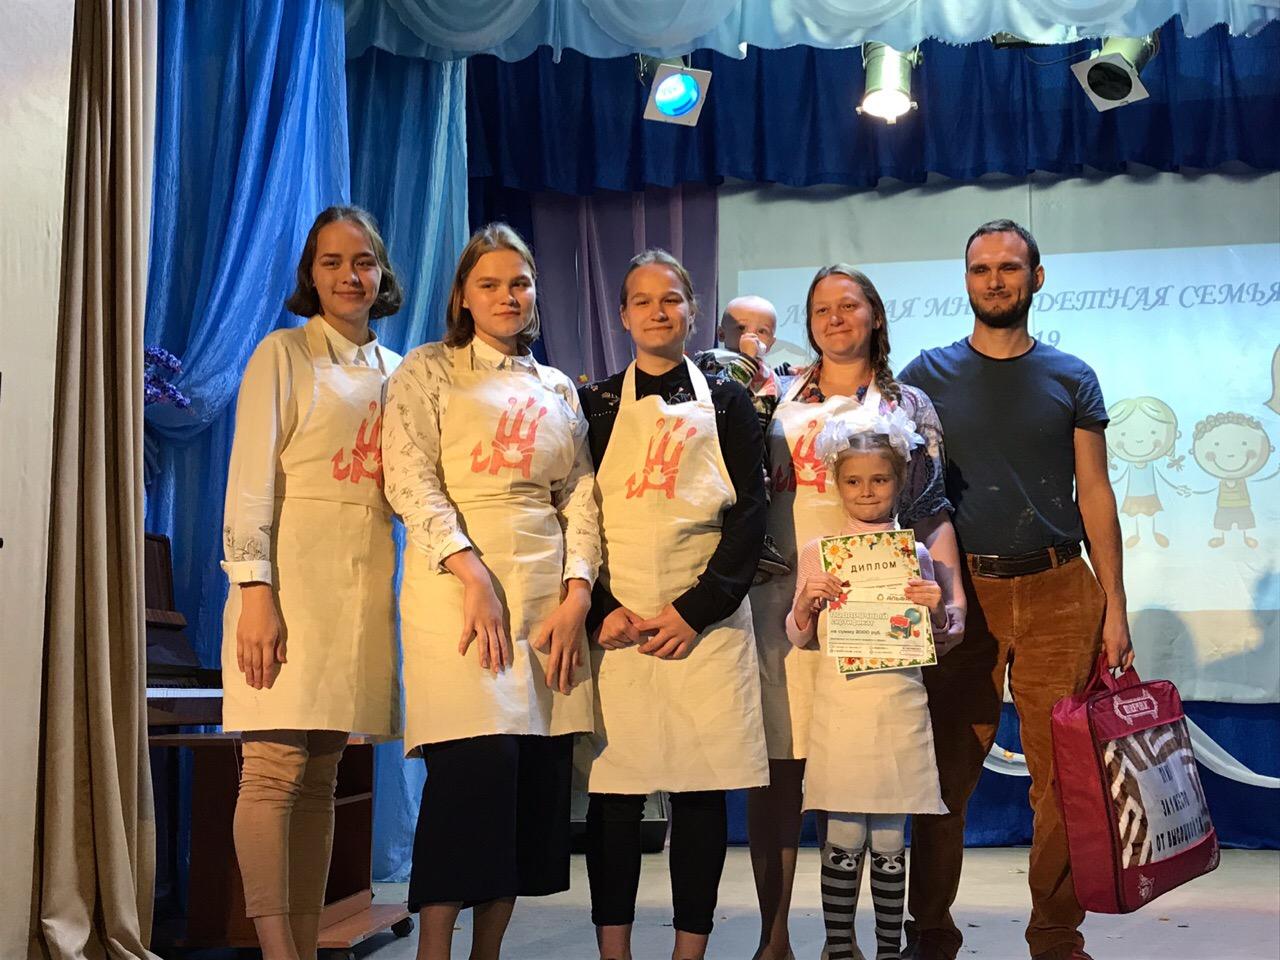 конкурс многодетных семей поздравление вдохе поднимаем